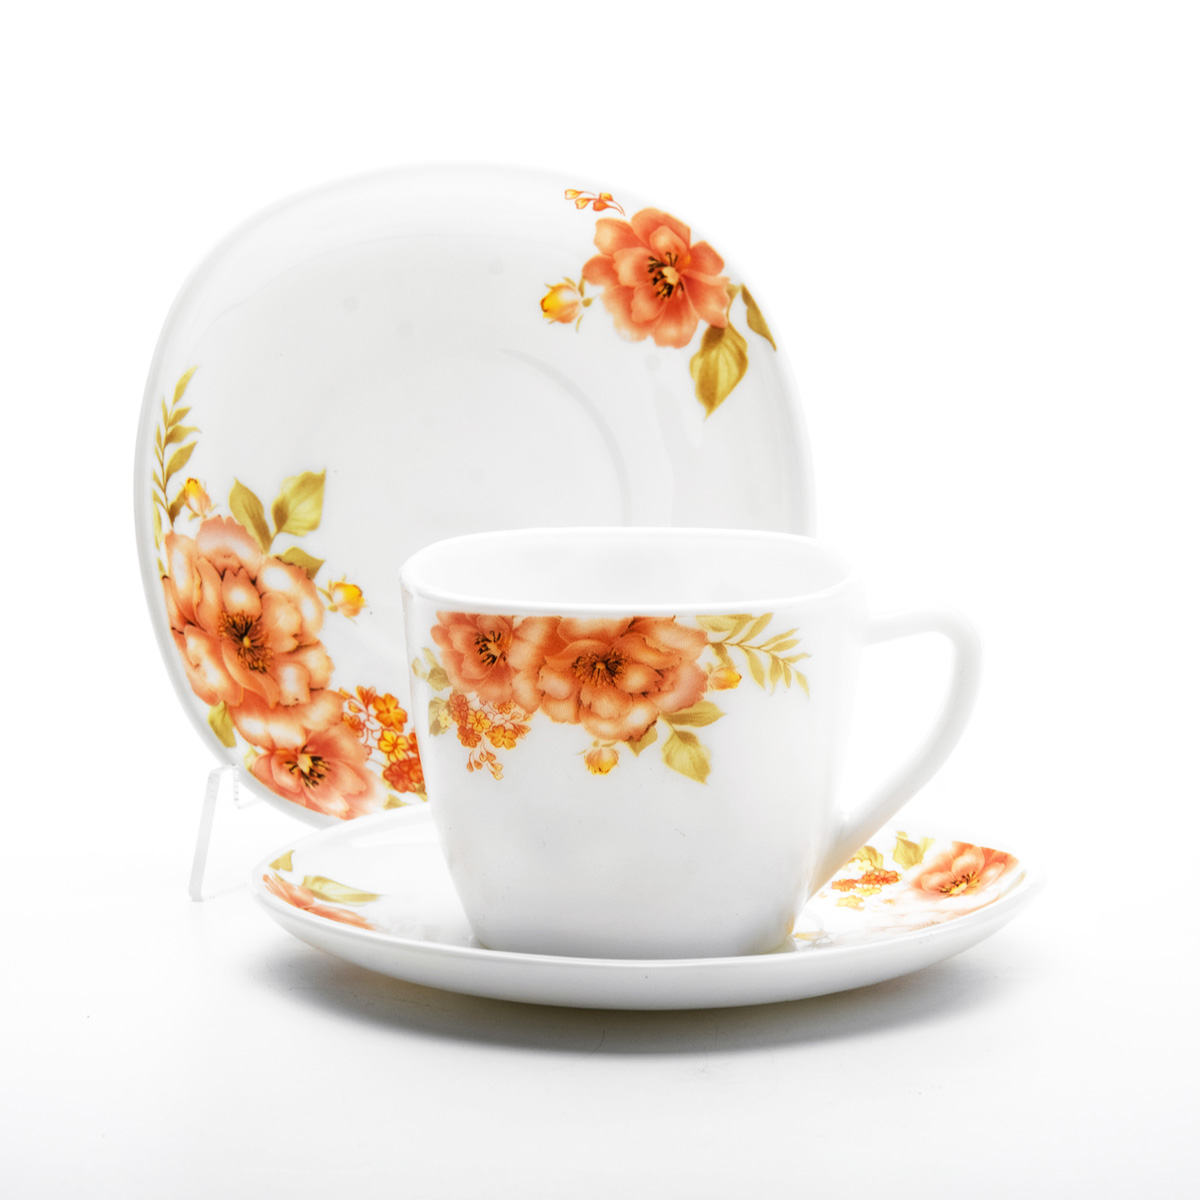 """Чайный набор Mayer & Boch """"Цветы"""", выполненный из высококачественного стекла, состоит из шести чашек и шести блюдец. Предметы набора оформлены изображением цветов. Изящный дизайн и красочность оформления придутся по вкусу и ценителям классики, и тем, кто предпочитает утонченность и изысканность.   Чайный набор - идеальный и необходимый подарок для вашего дома и для ваших друзей в праздники, юбилеи и торжества! Он также станет отличным корпоративным подарком и украшением любой кухни.    Объем чашки: 210 мл.  Размер чашки по верхнему краю: 8,5 см х 8 см.  Высота чашки: 7 см.  Размер блюдца: 14 см х 14 см."""